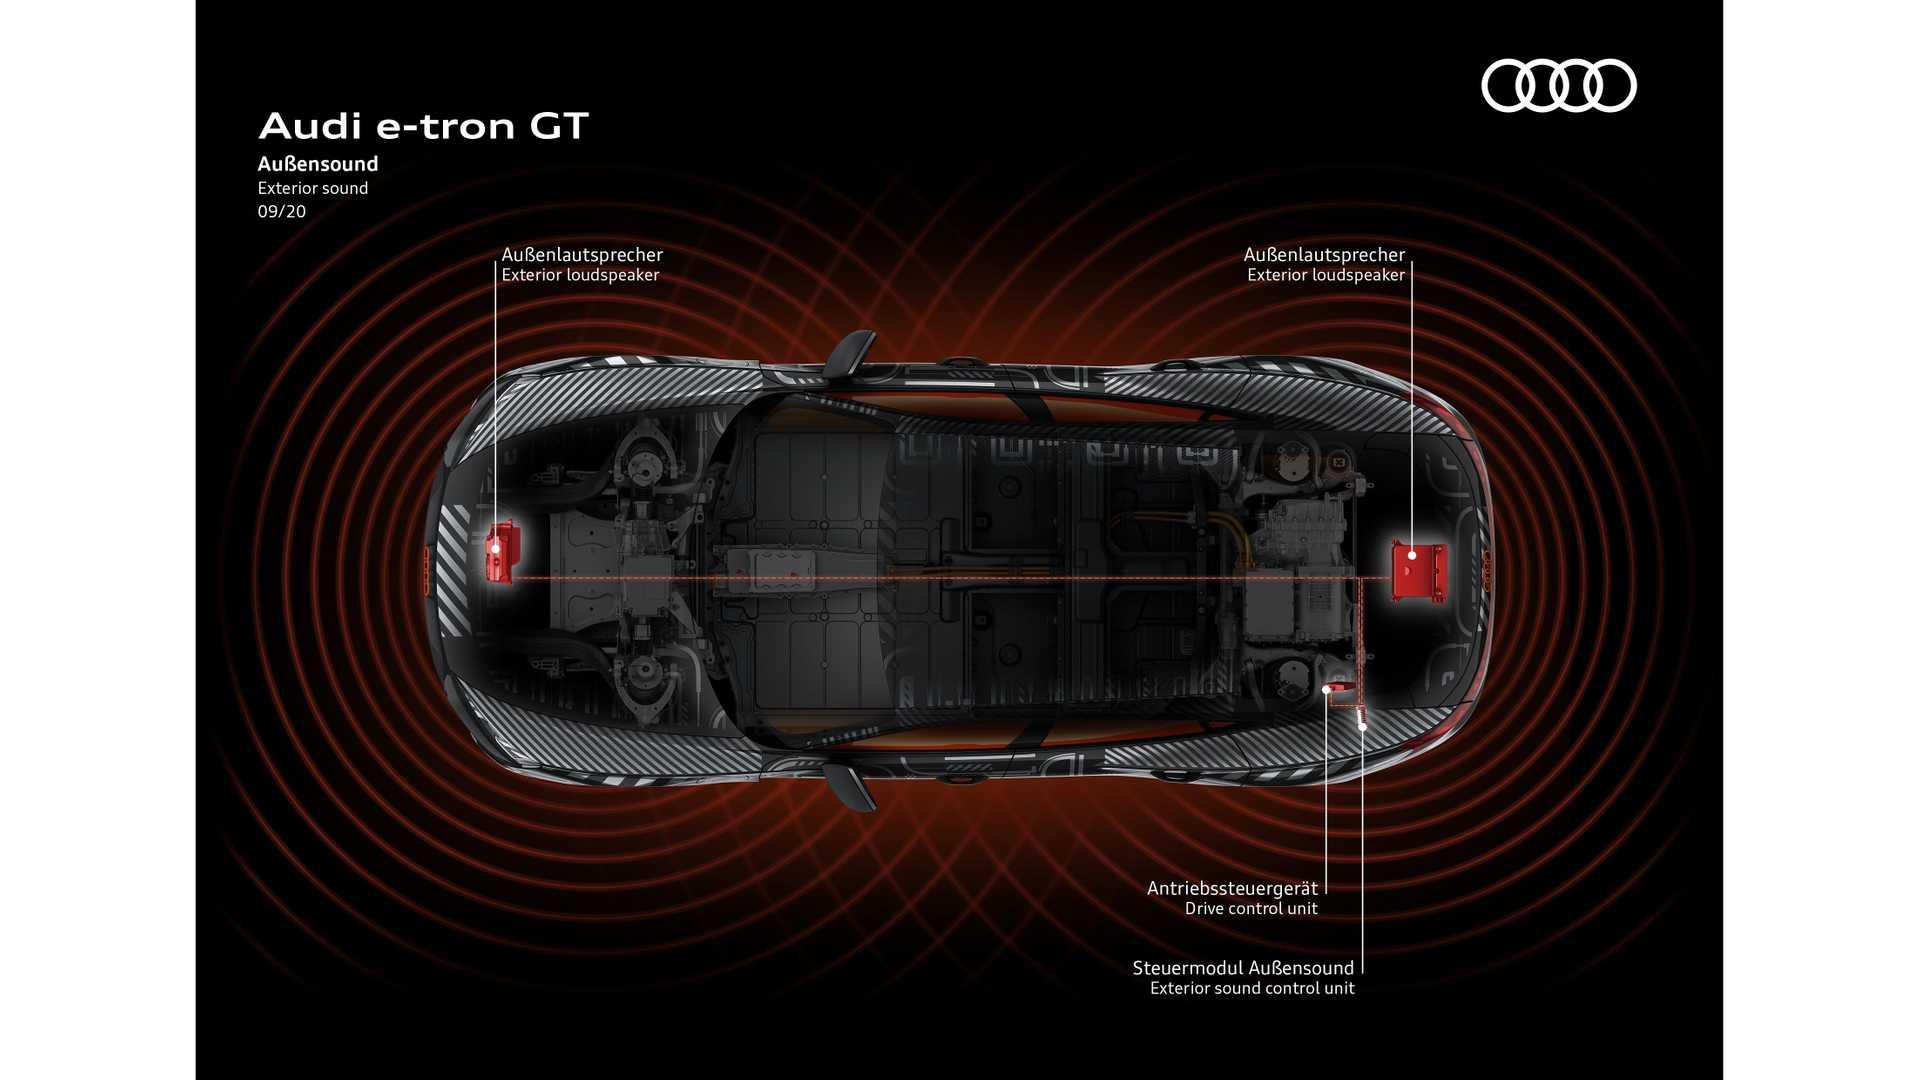 Электрический гран-туризмо Audi e-tron GT поставят на конвейерные рельсы до конца текущего года. Вместе с этим производитель поделился новыми фотографиями модели в специальной маскировке.